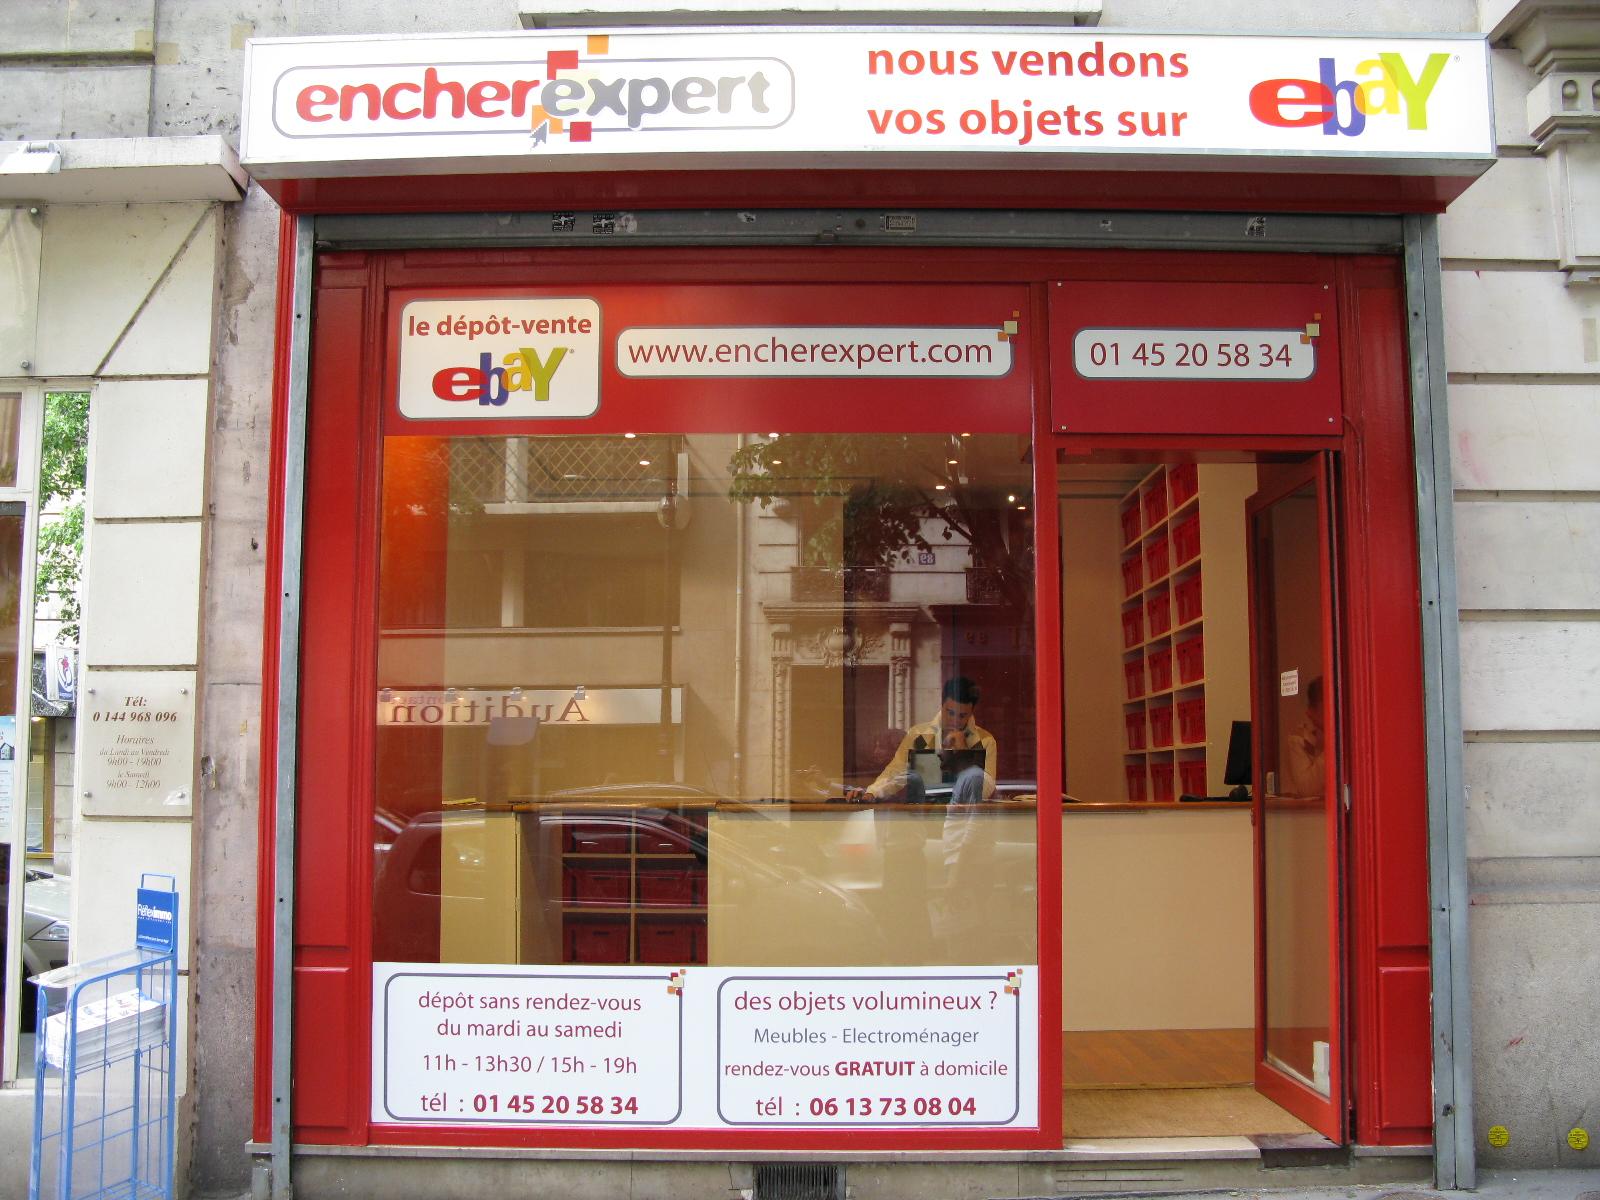 d624064eb655 A Paris, rue Mozart, Encherexpert offre un service clé en main pour les  vendeurs   la boutique met aux enchères pour eux, sur le site eBay, des  produits ...